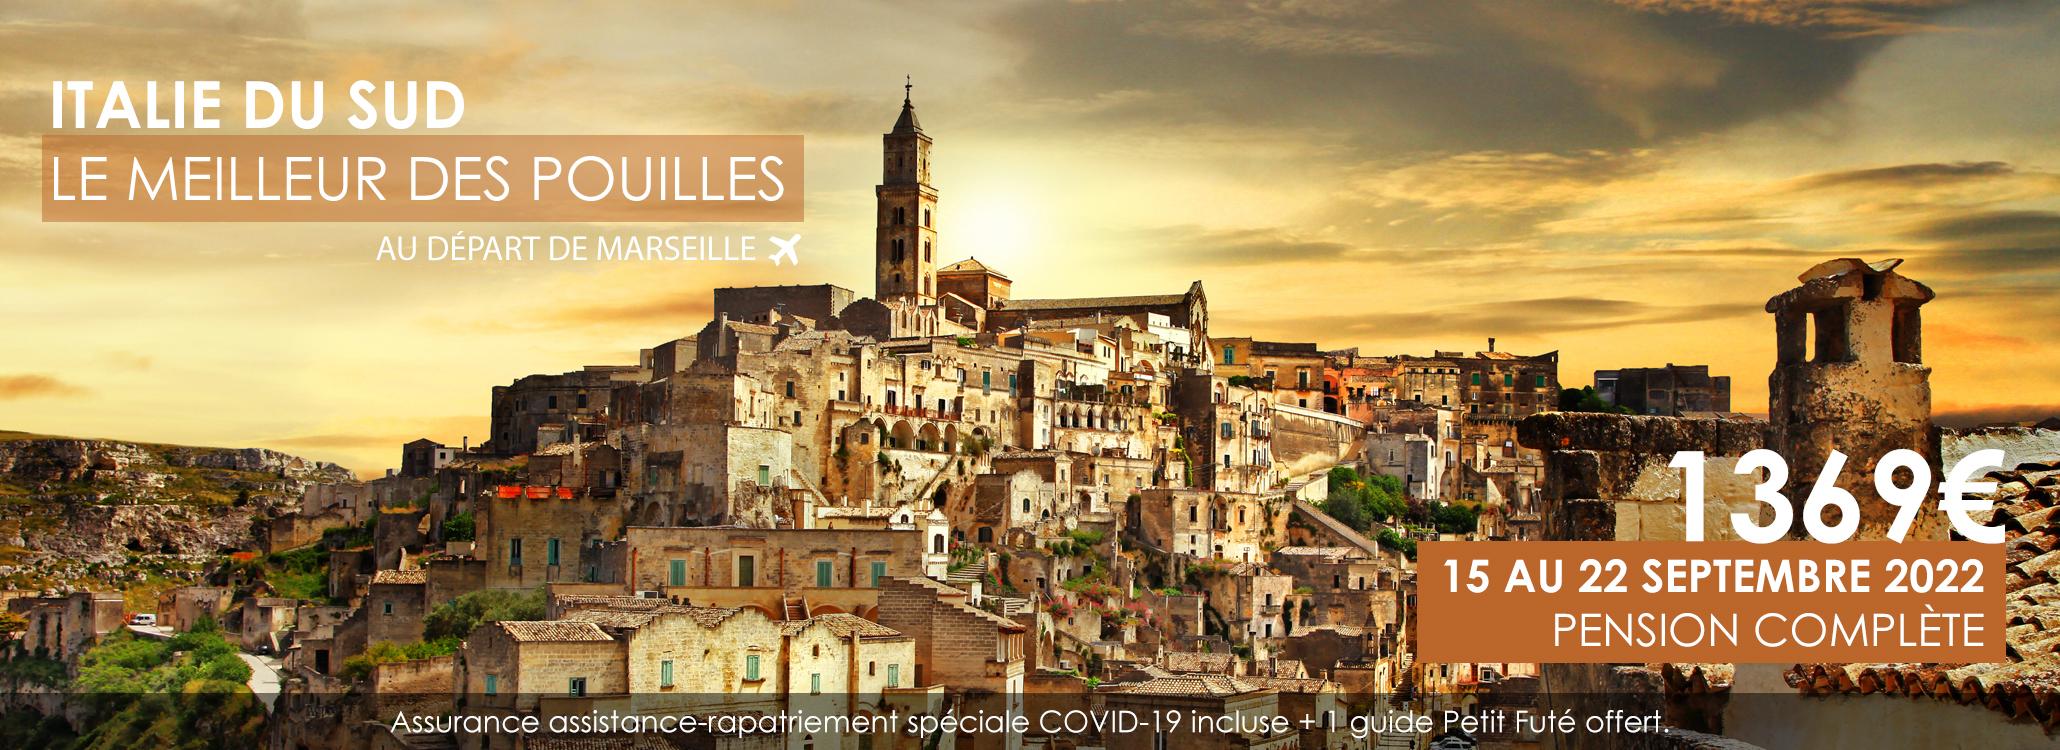 ITALIE-LES-POUILLES_09-2021